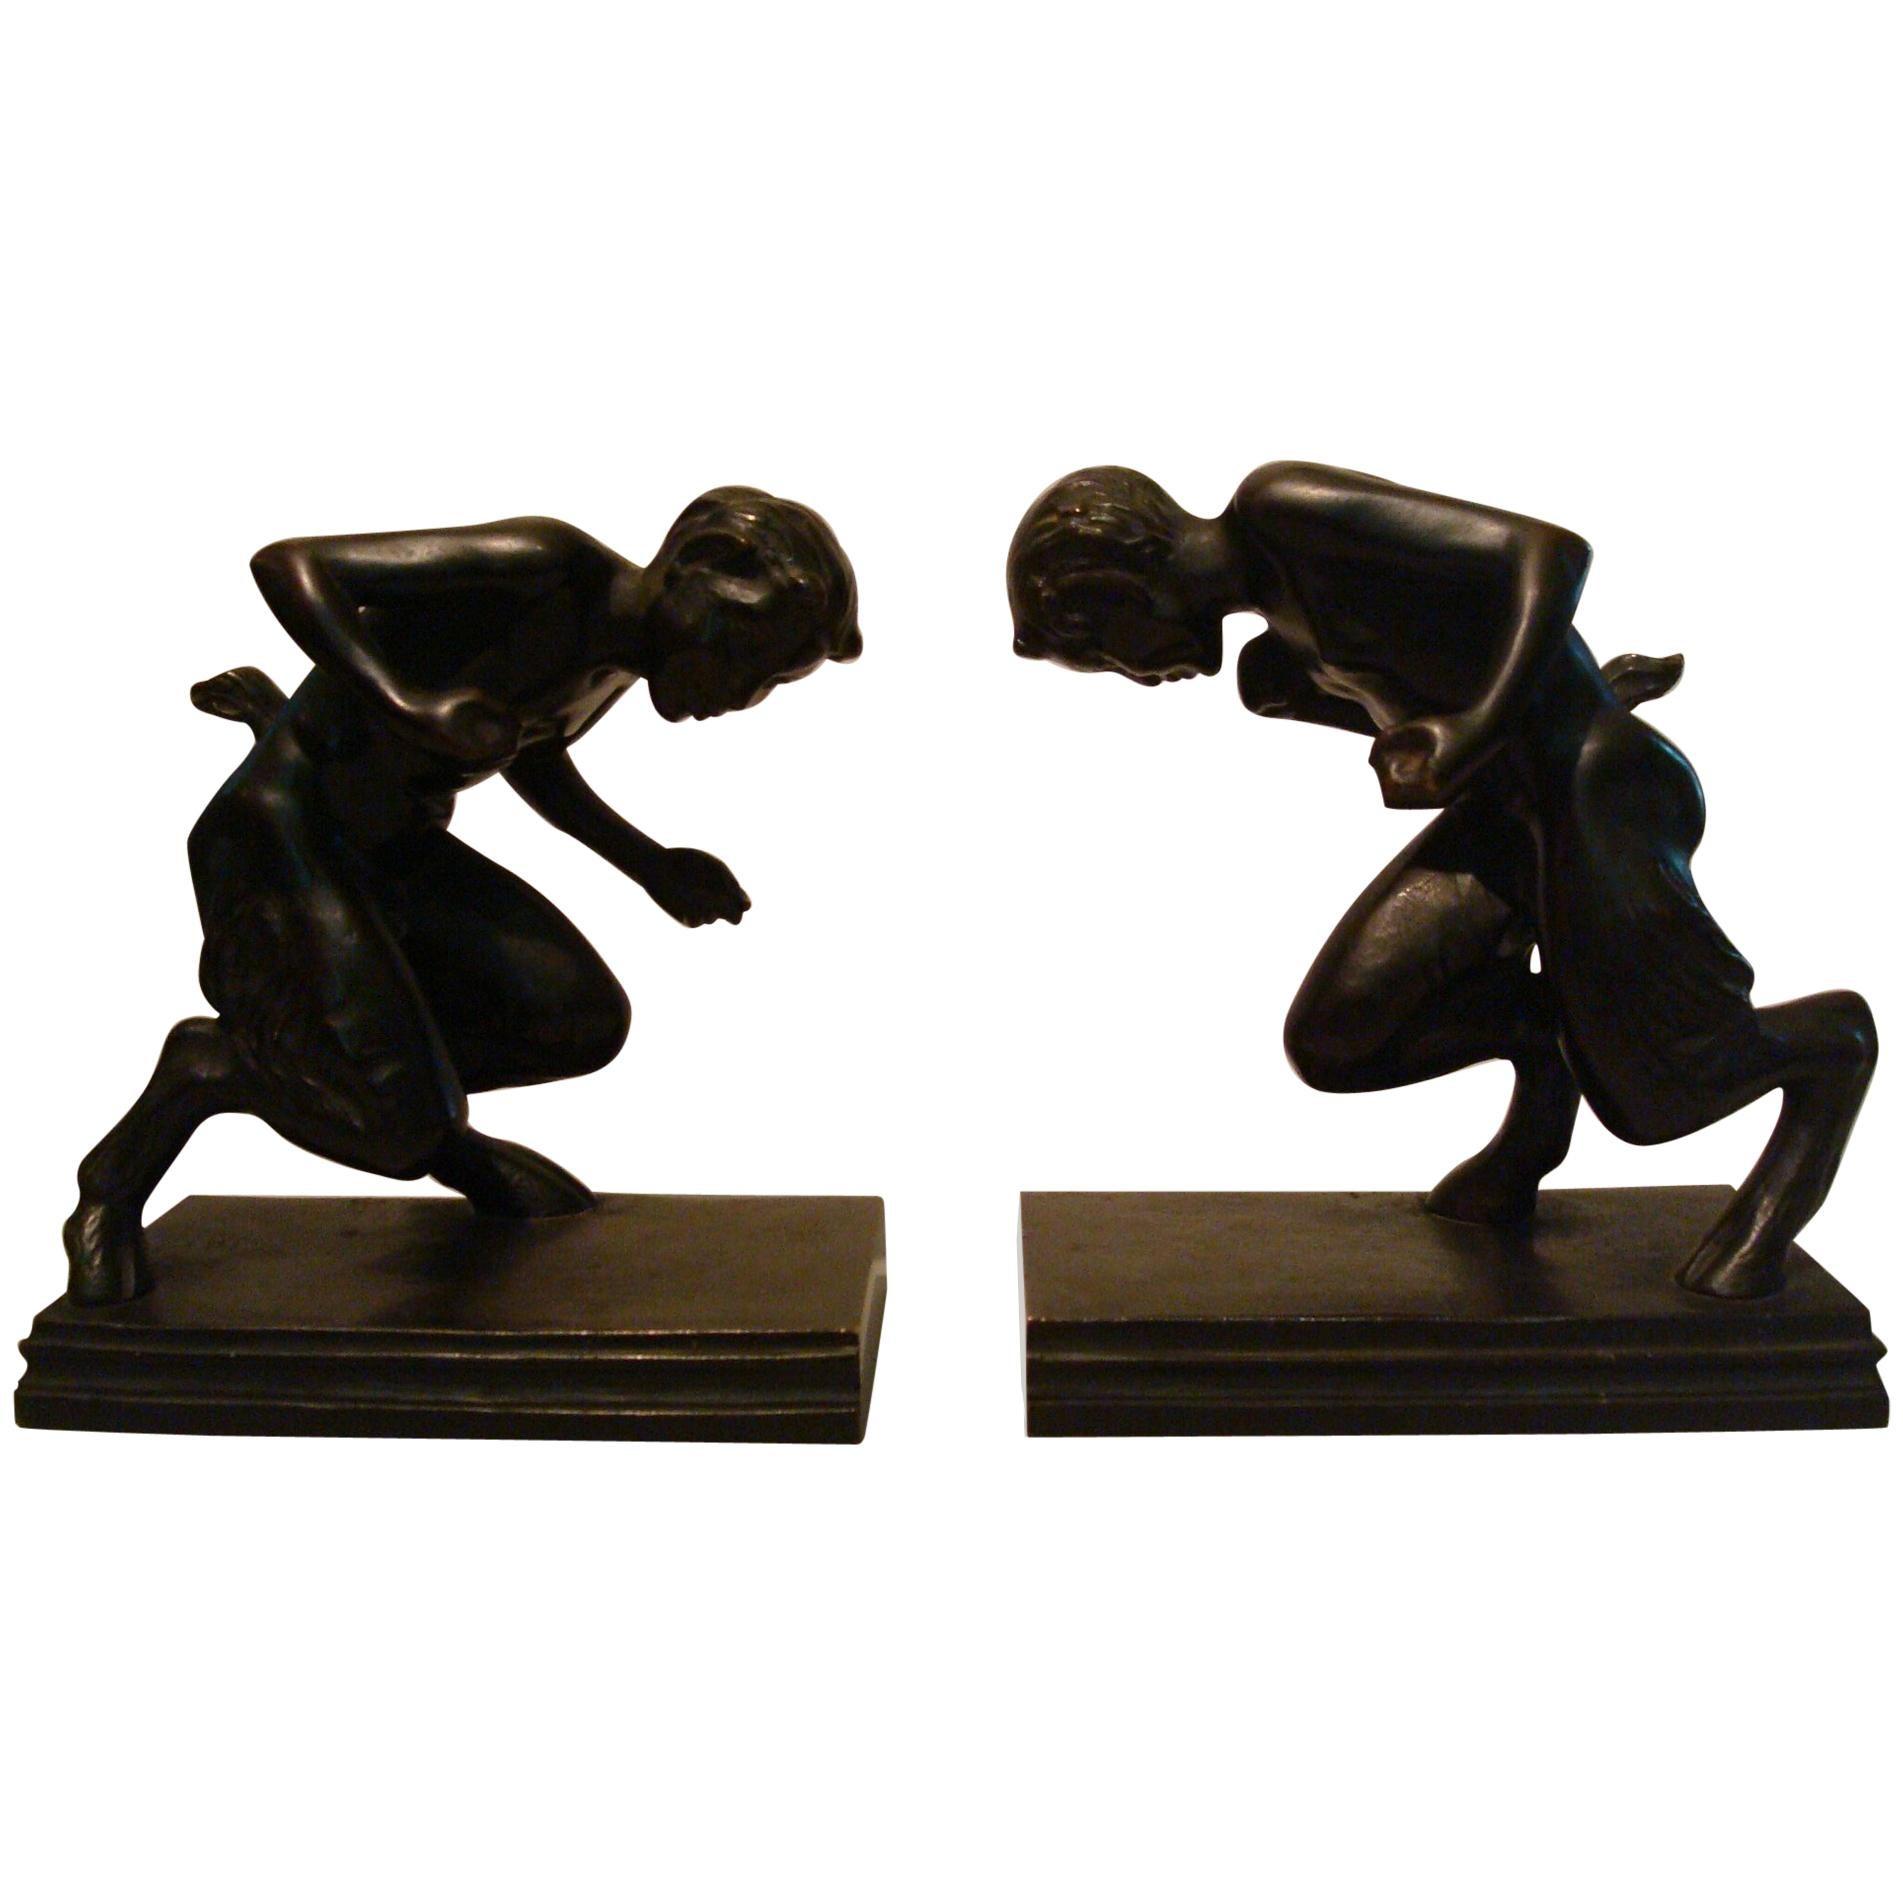 Pair of Bronze 'Faun' Sculpture Bookends, Austrian, 1910s